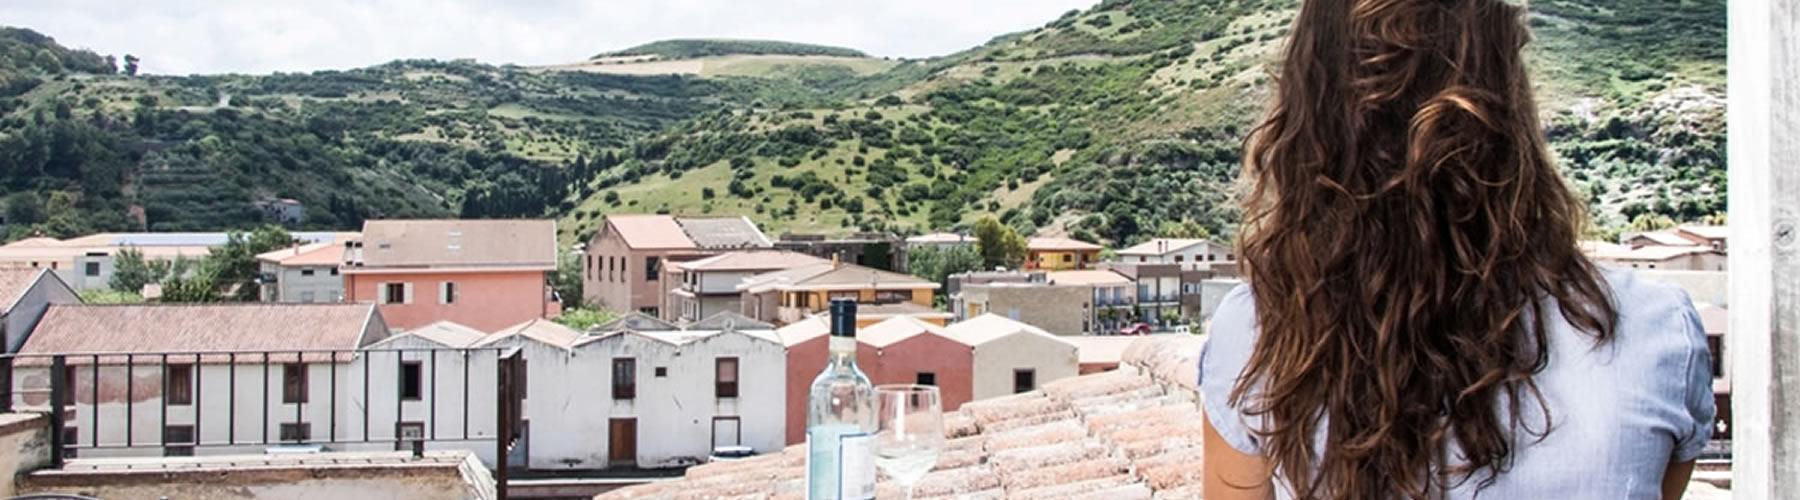 WELCOME TO THE CORTE FIORITA ALBERGO DIFFUSO Corte Fiorita Albergo Diffuso